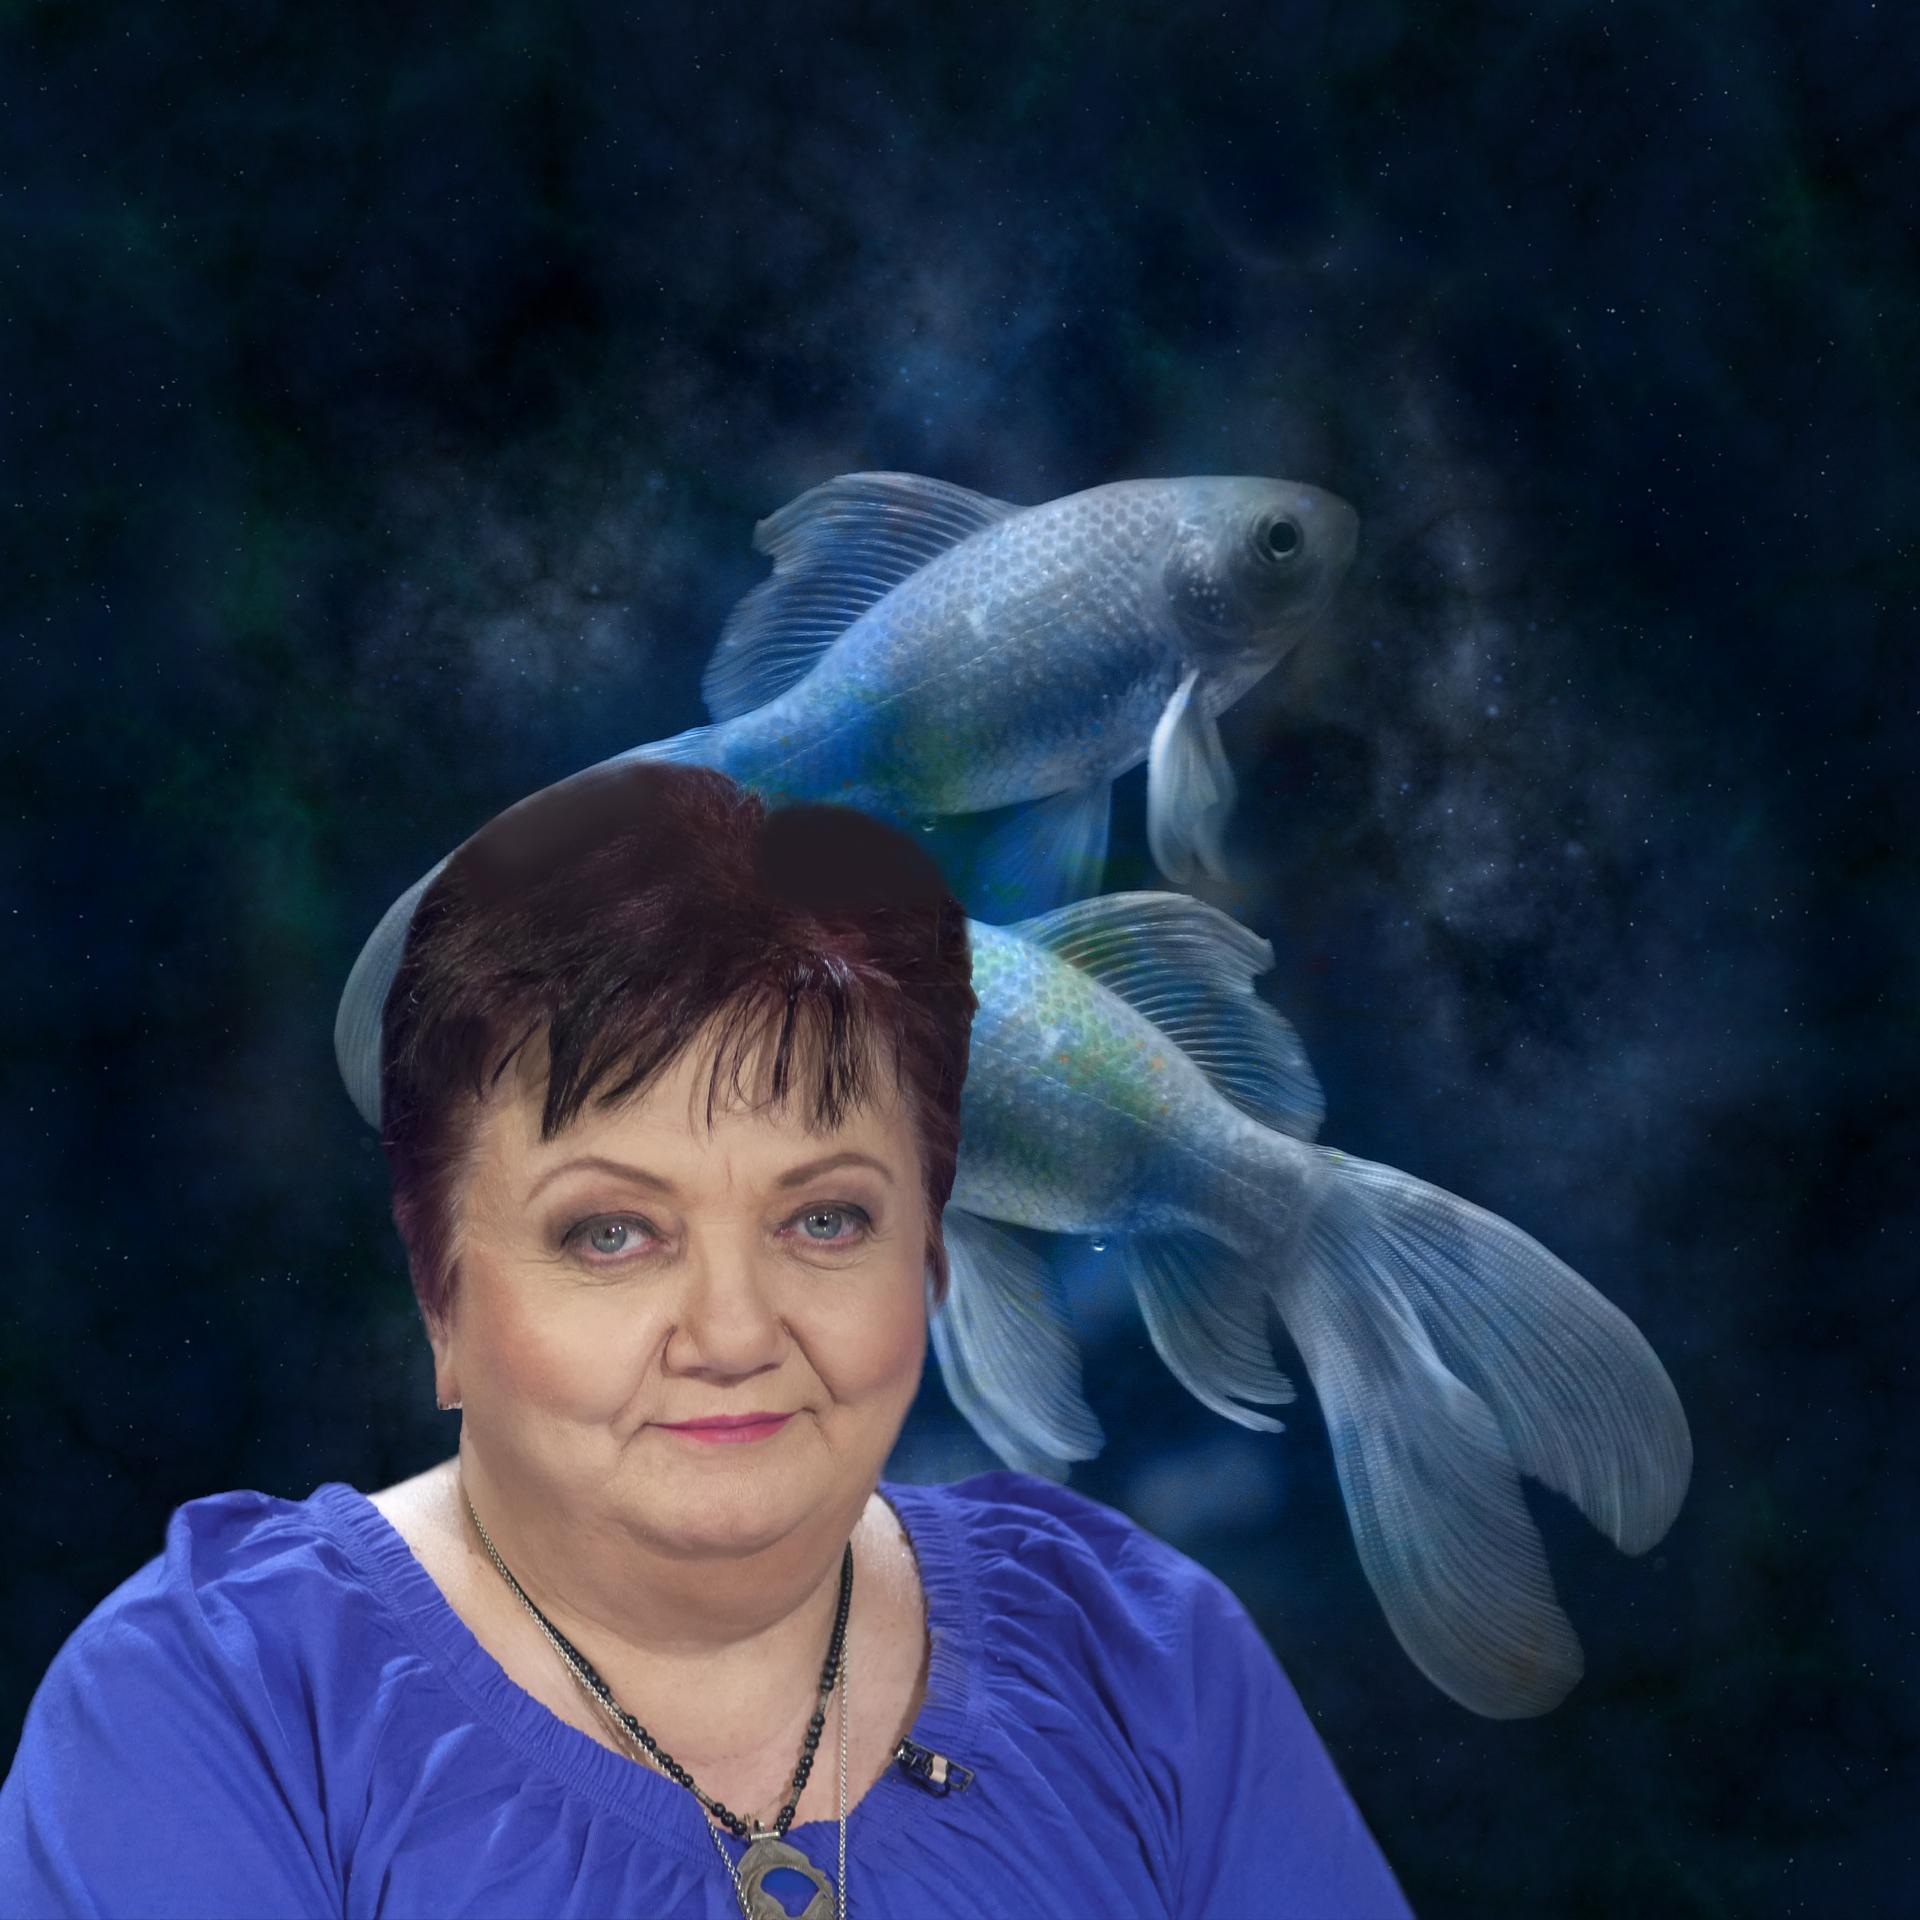 Horoscop Minerva săptămânal 22 - 28 martie 2021 Pești